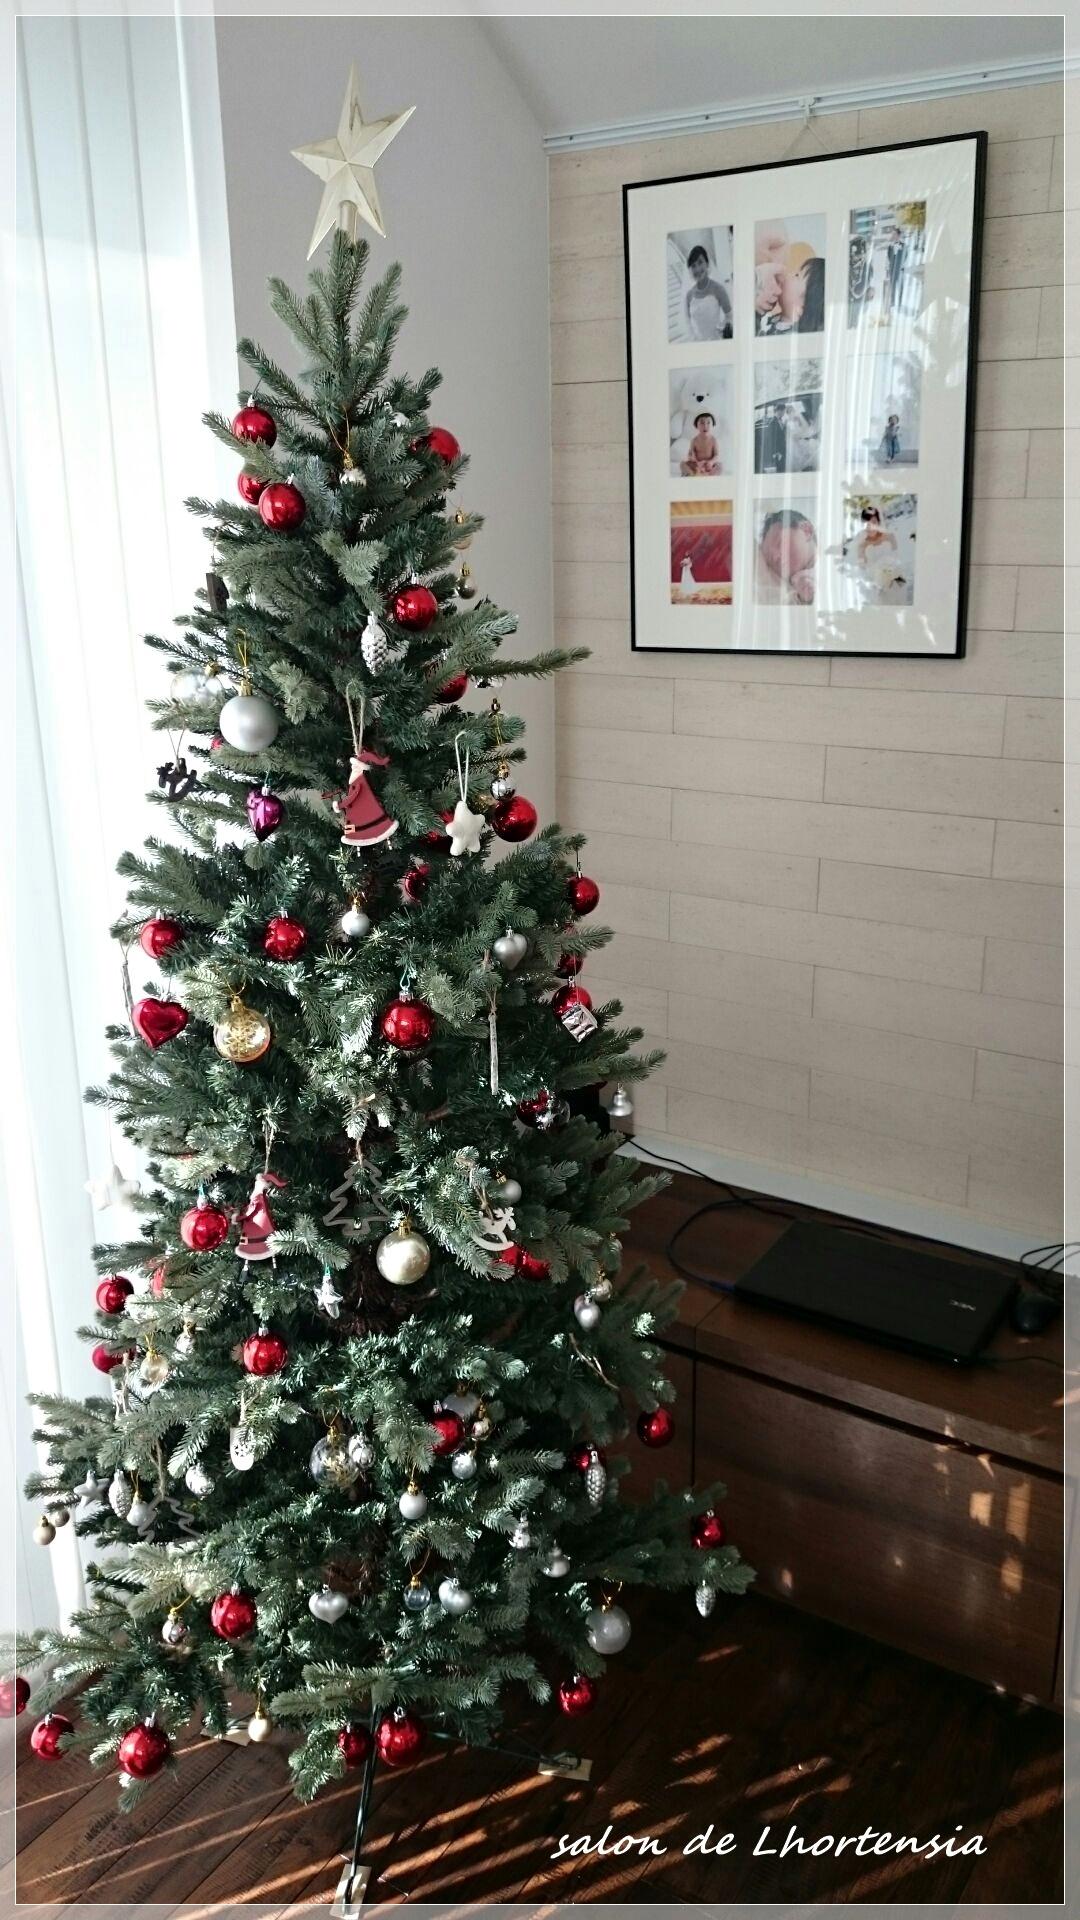 この時期限定のクリスマスアフタヌーンティーをアマン東京で♪&我が家もクリスマス仕様に!_1_4